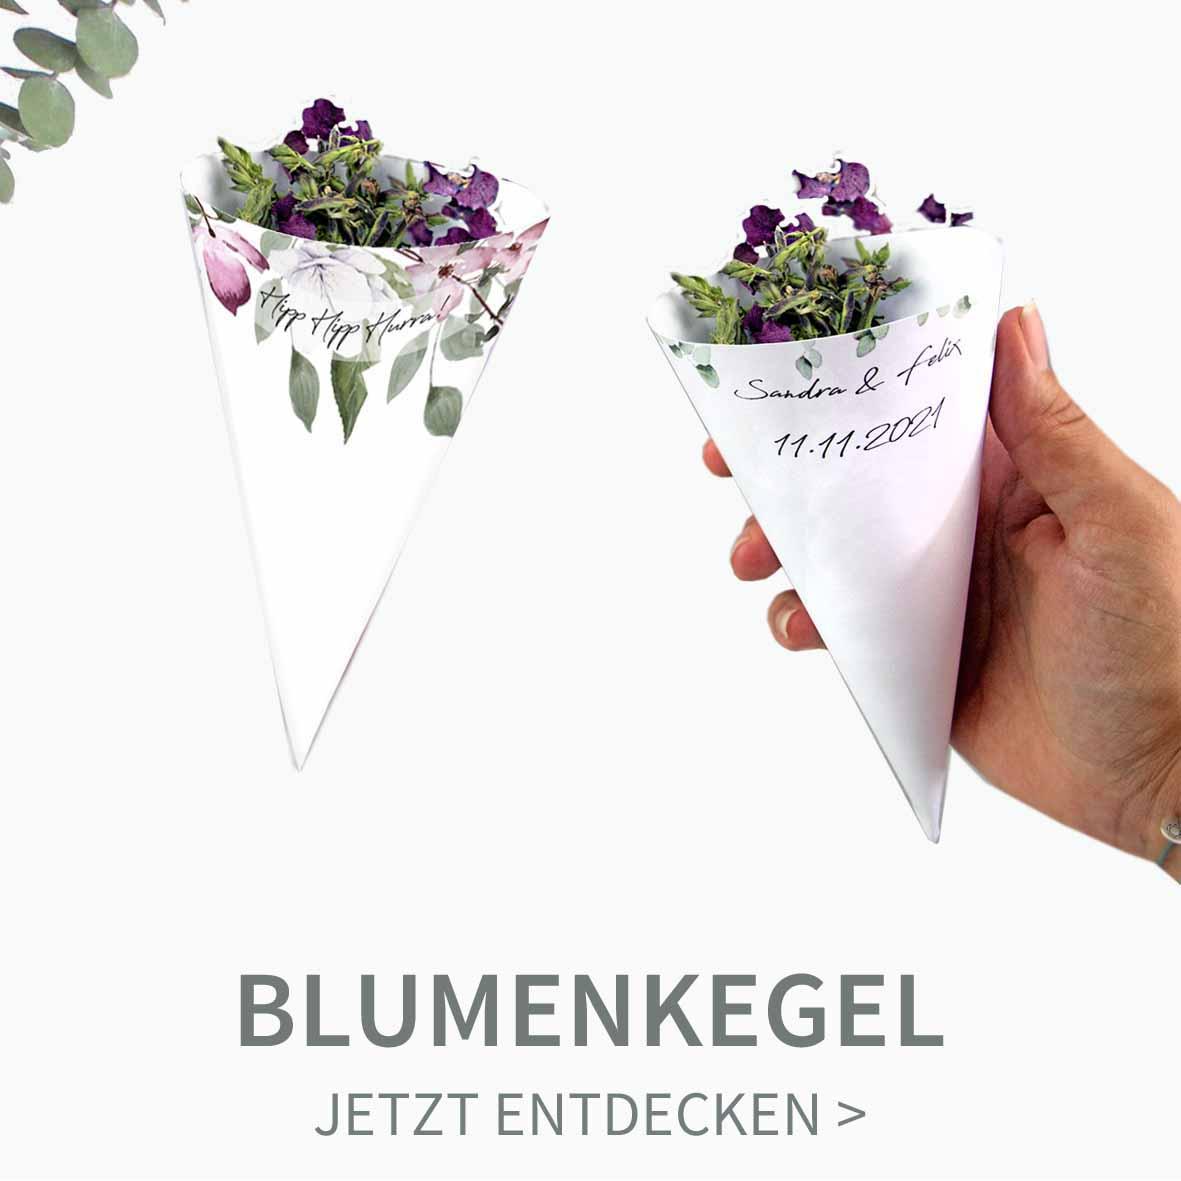 Druckvorlagen für individuelle Spitztüten für Blumen, Reis oder Konfetti